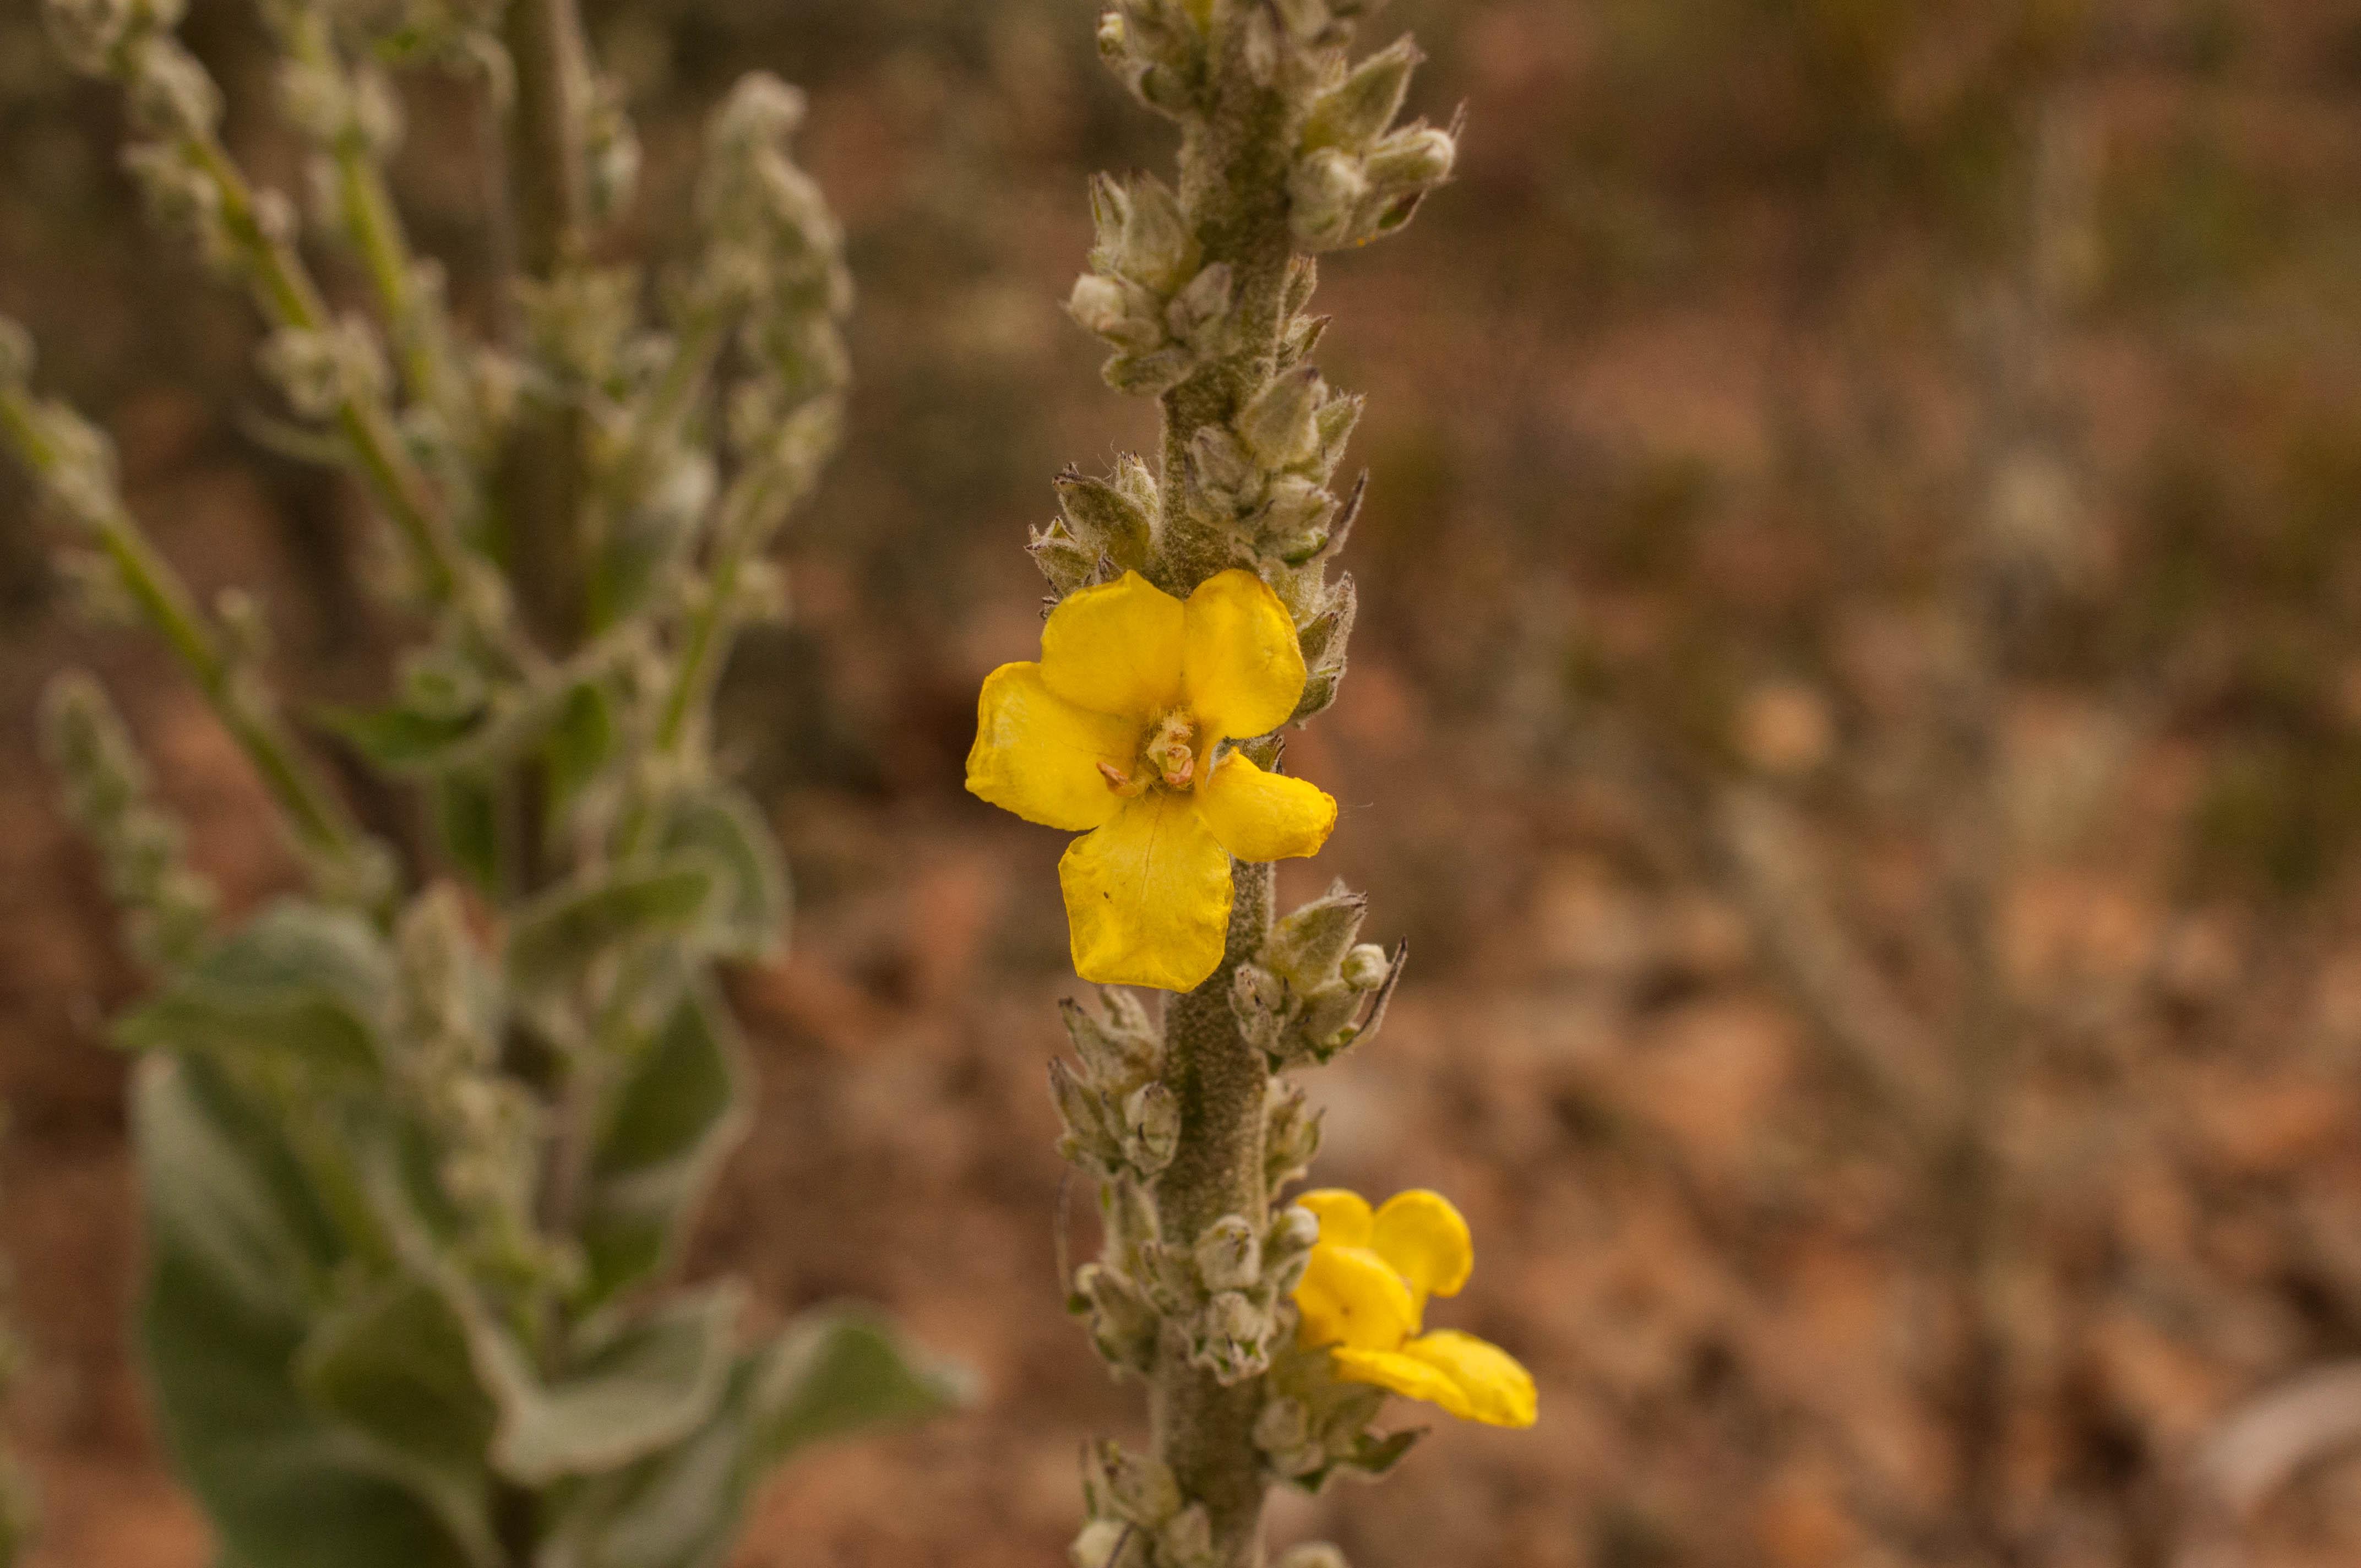 Verbascum thapsus Las Obreras de Aliste